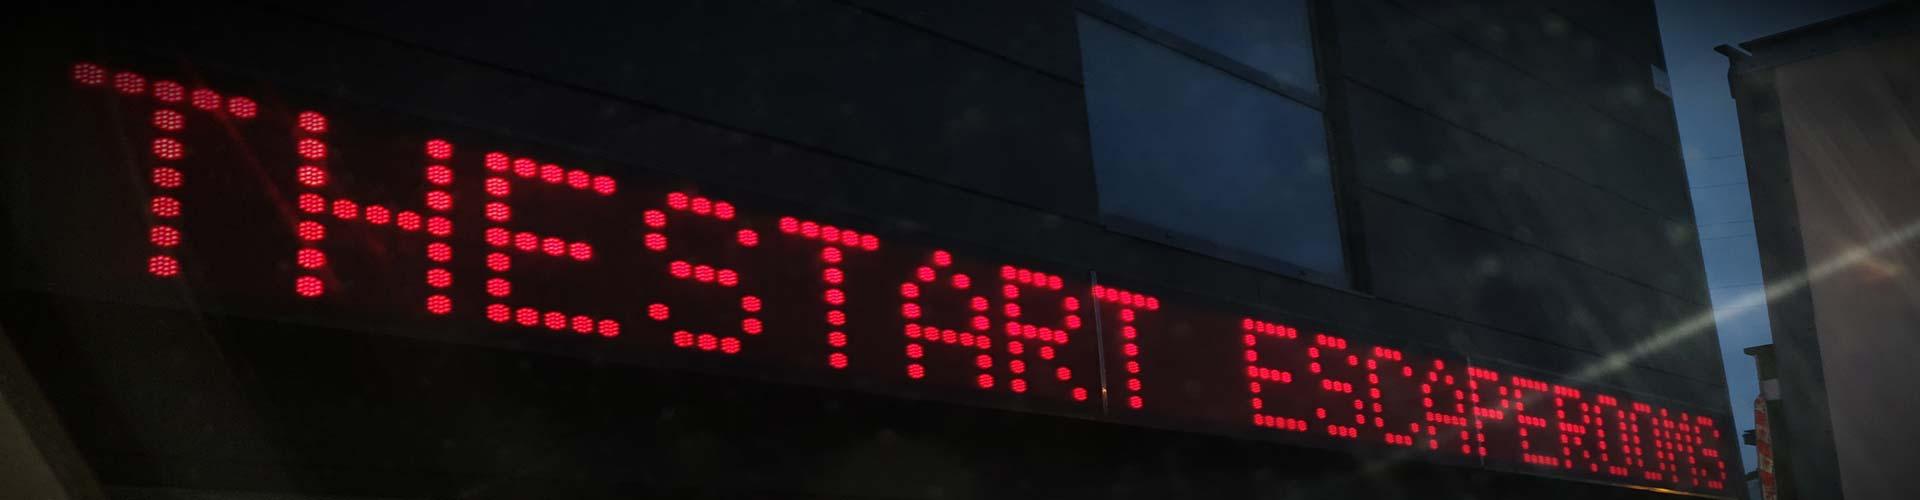 TheStart - EscapeRooms - Contact